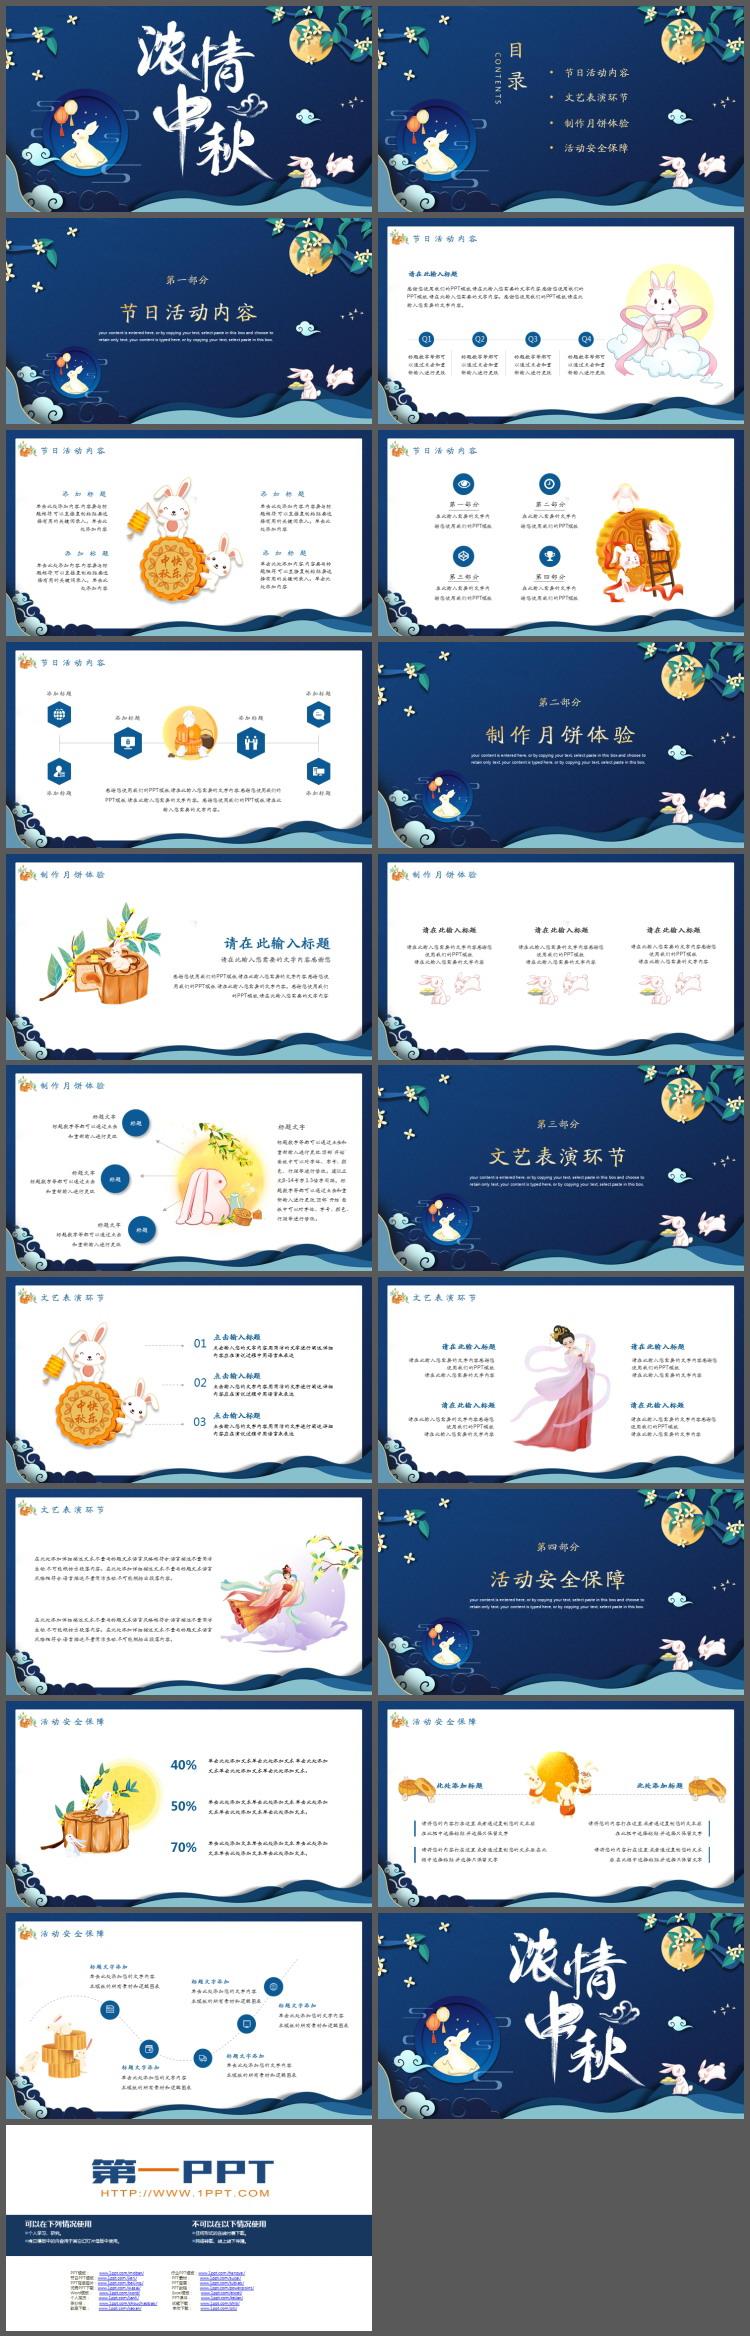 中秋节制作月饼活动策划PPT模板